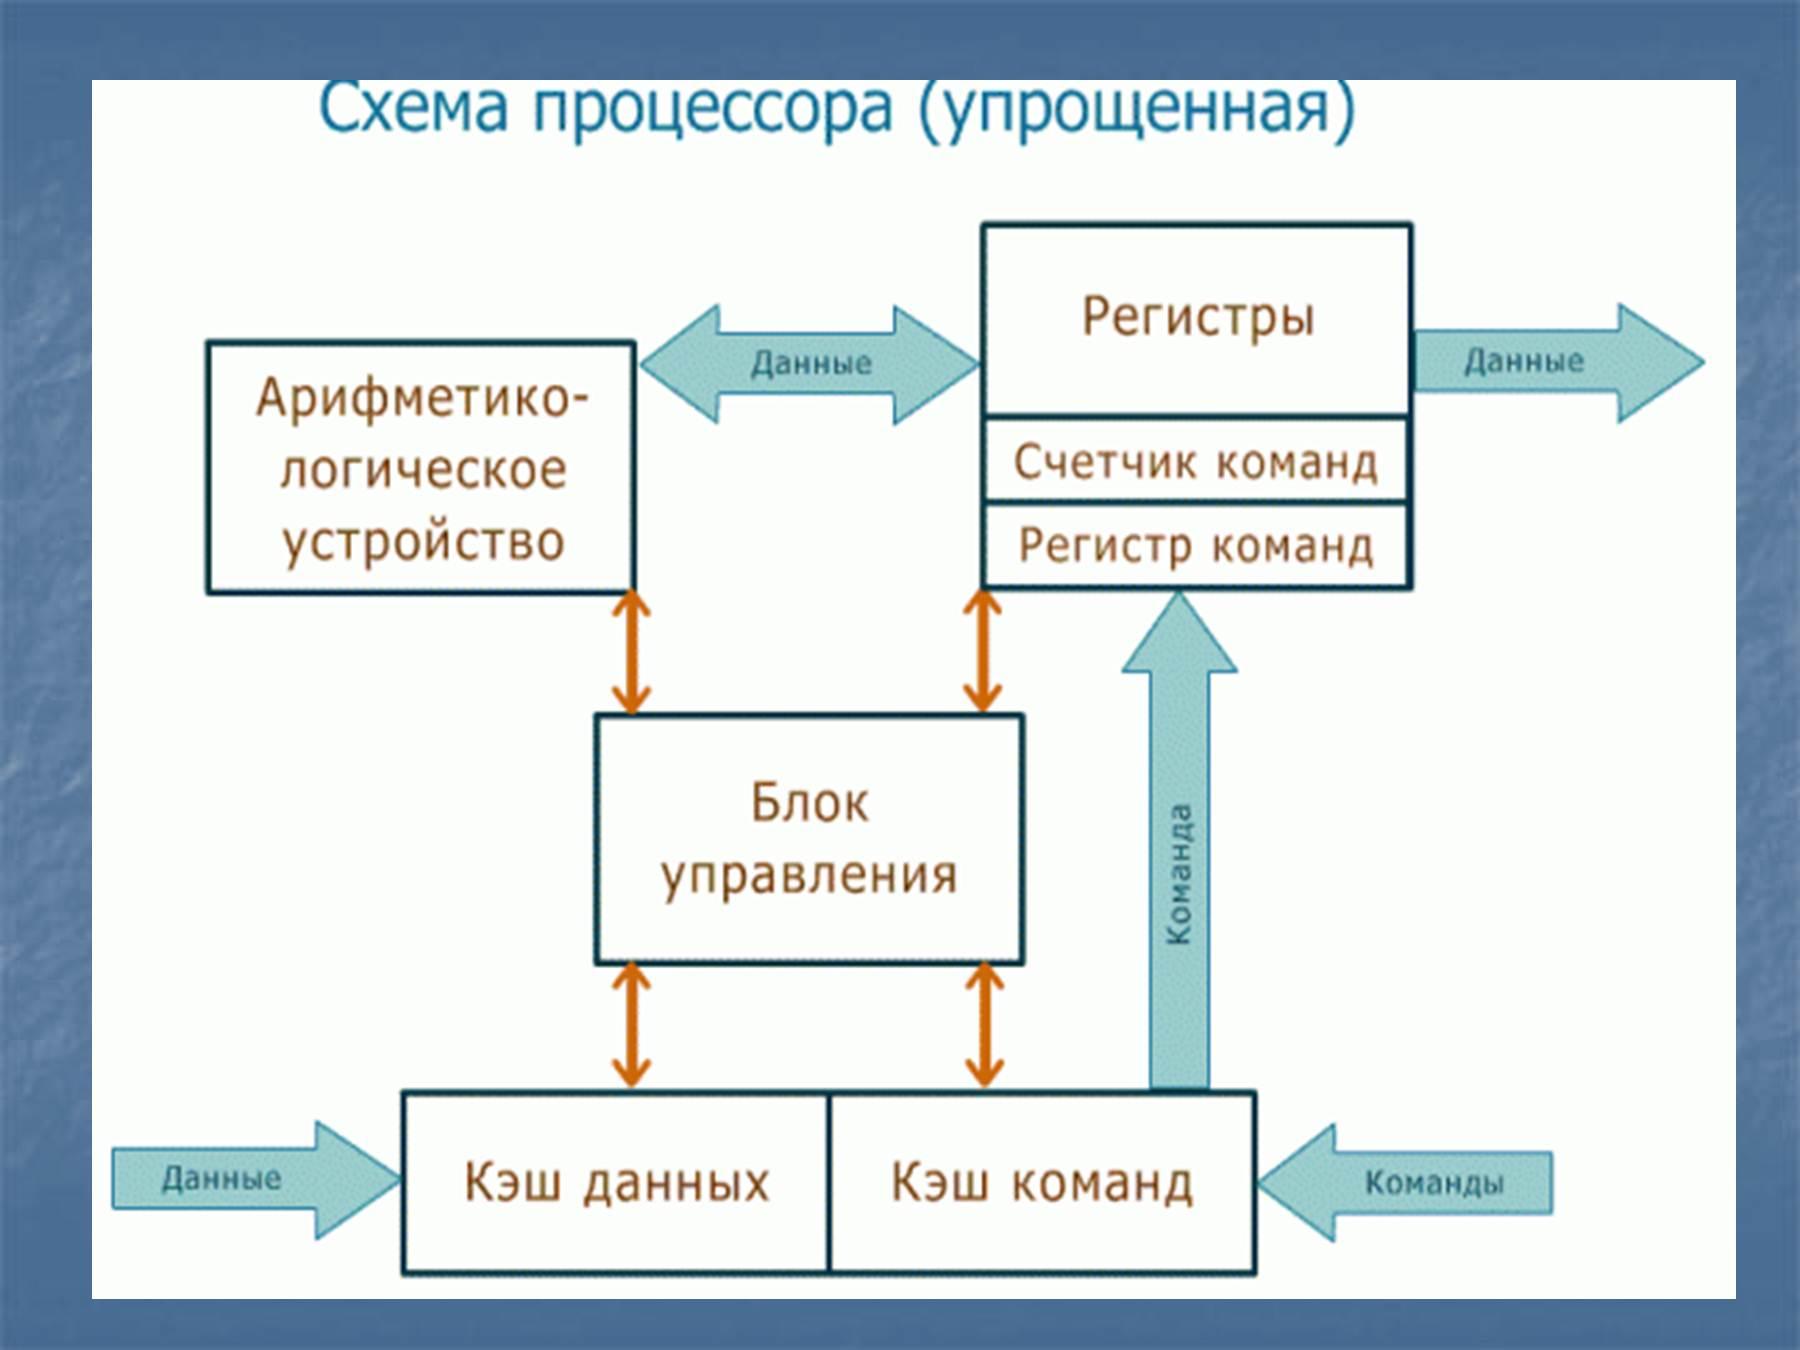 Описать схему и привести